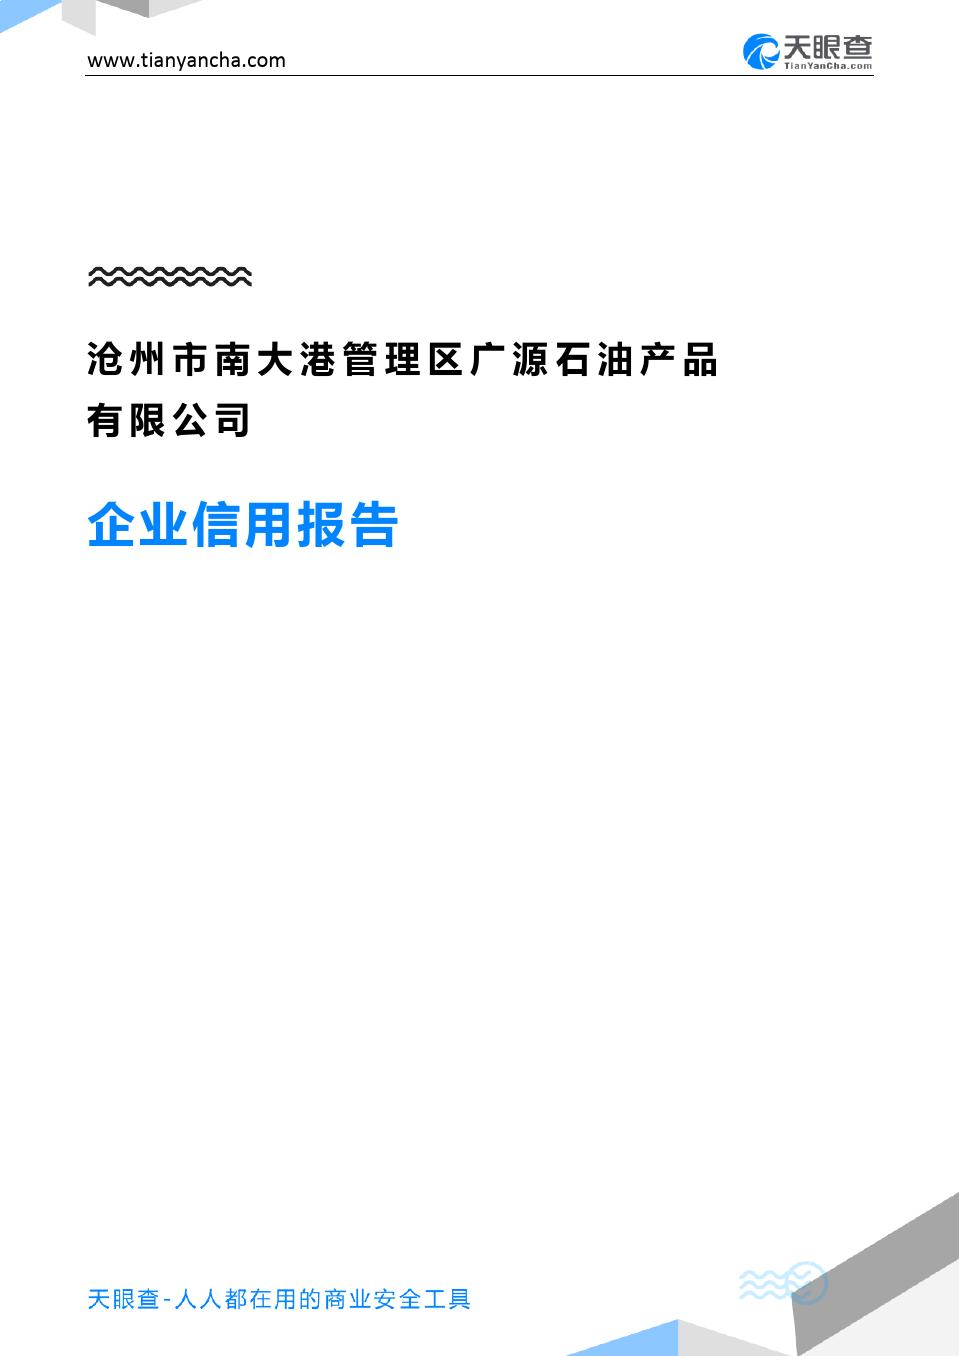 沧州市南大港管理区广源石油产品有限公司企业信用报告-天眼查